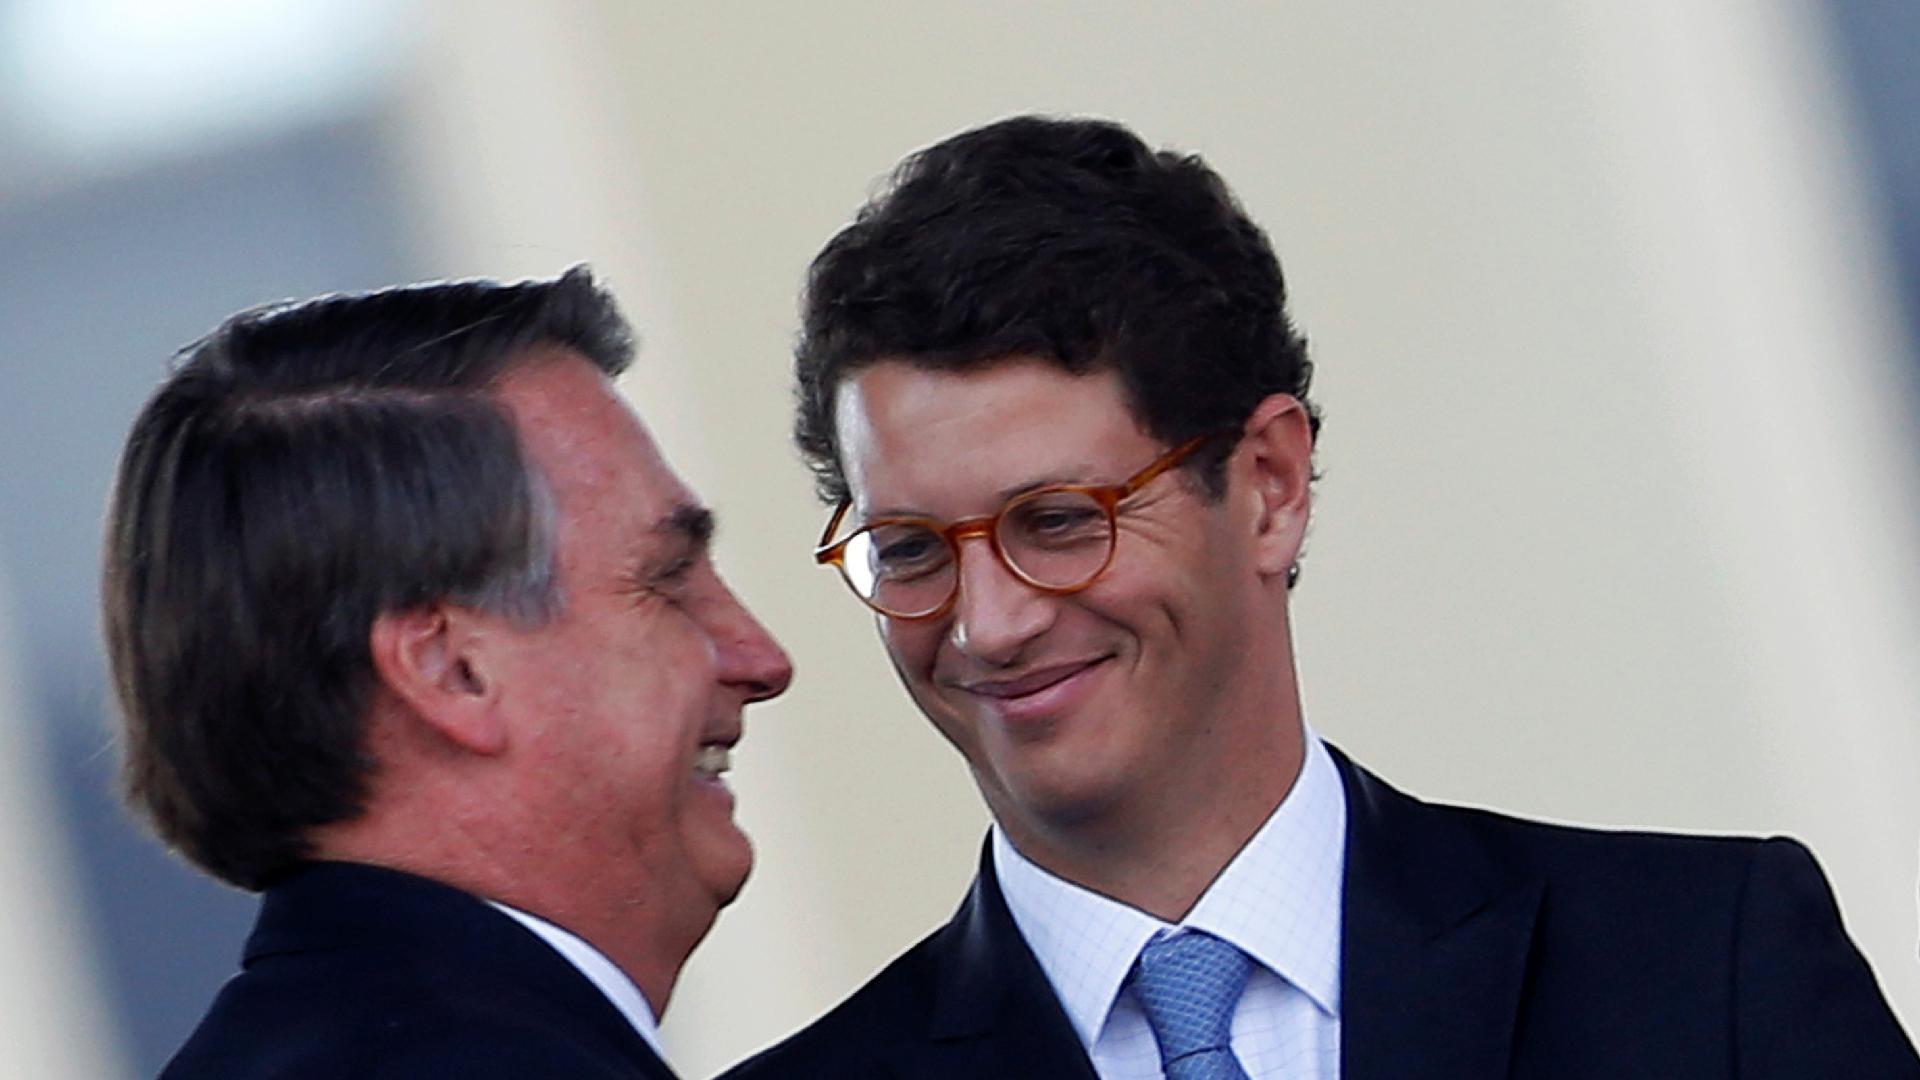 #ForaSalles: Por que Ricardo Salles precisa ser afastado já?